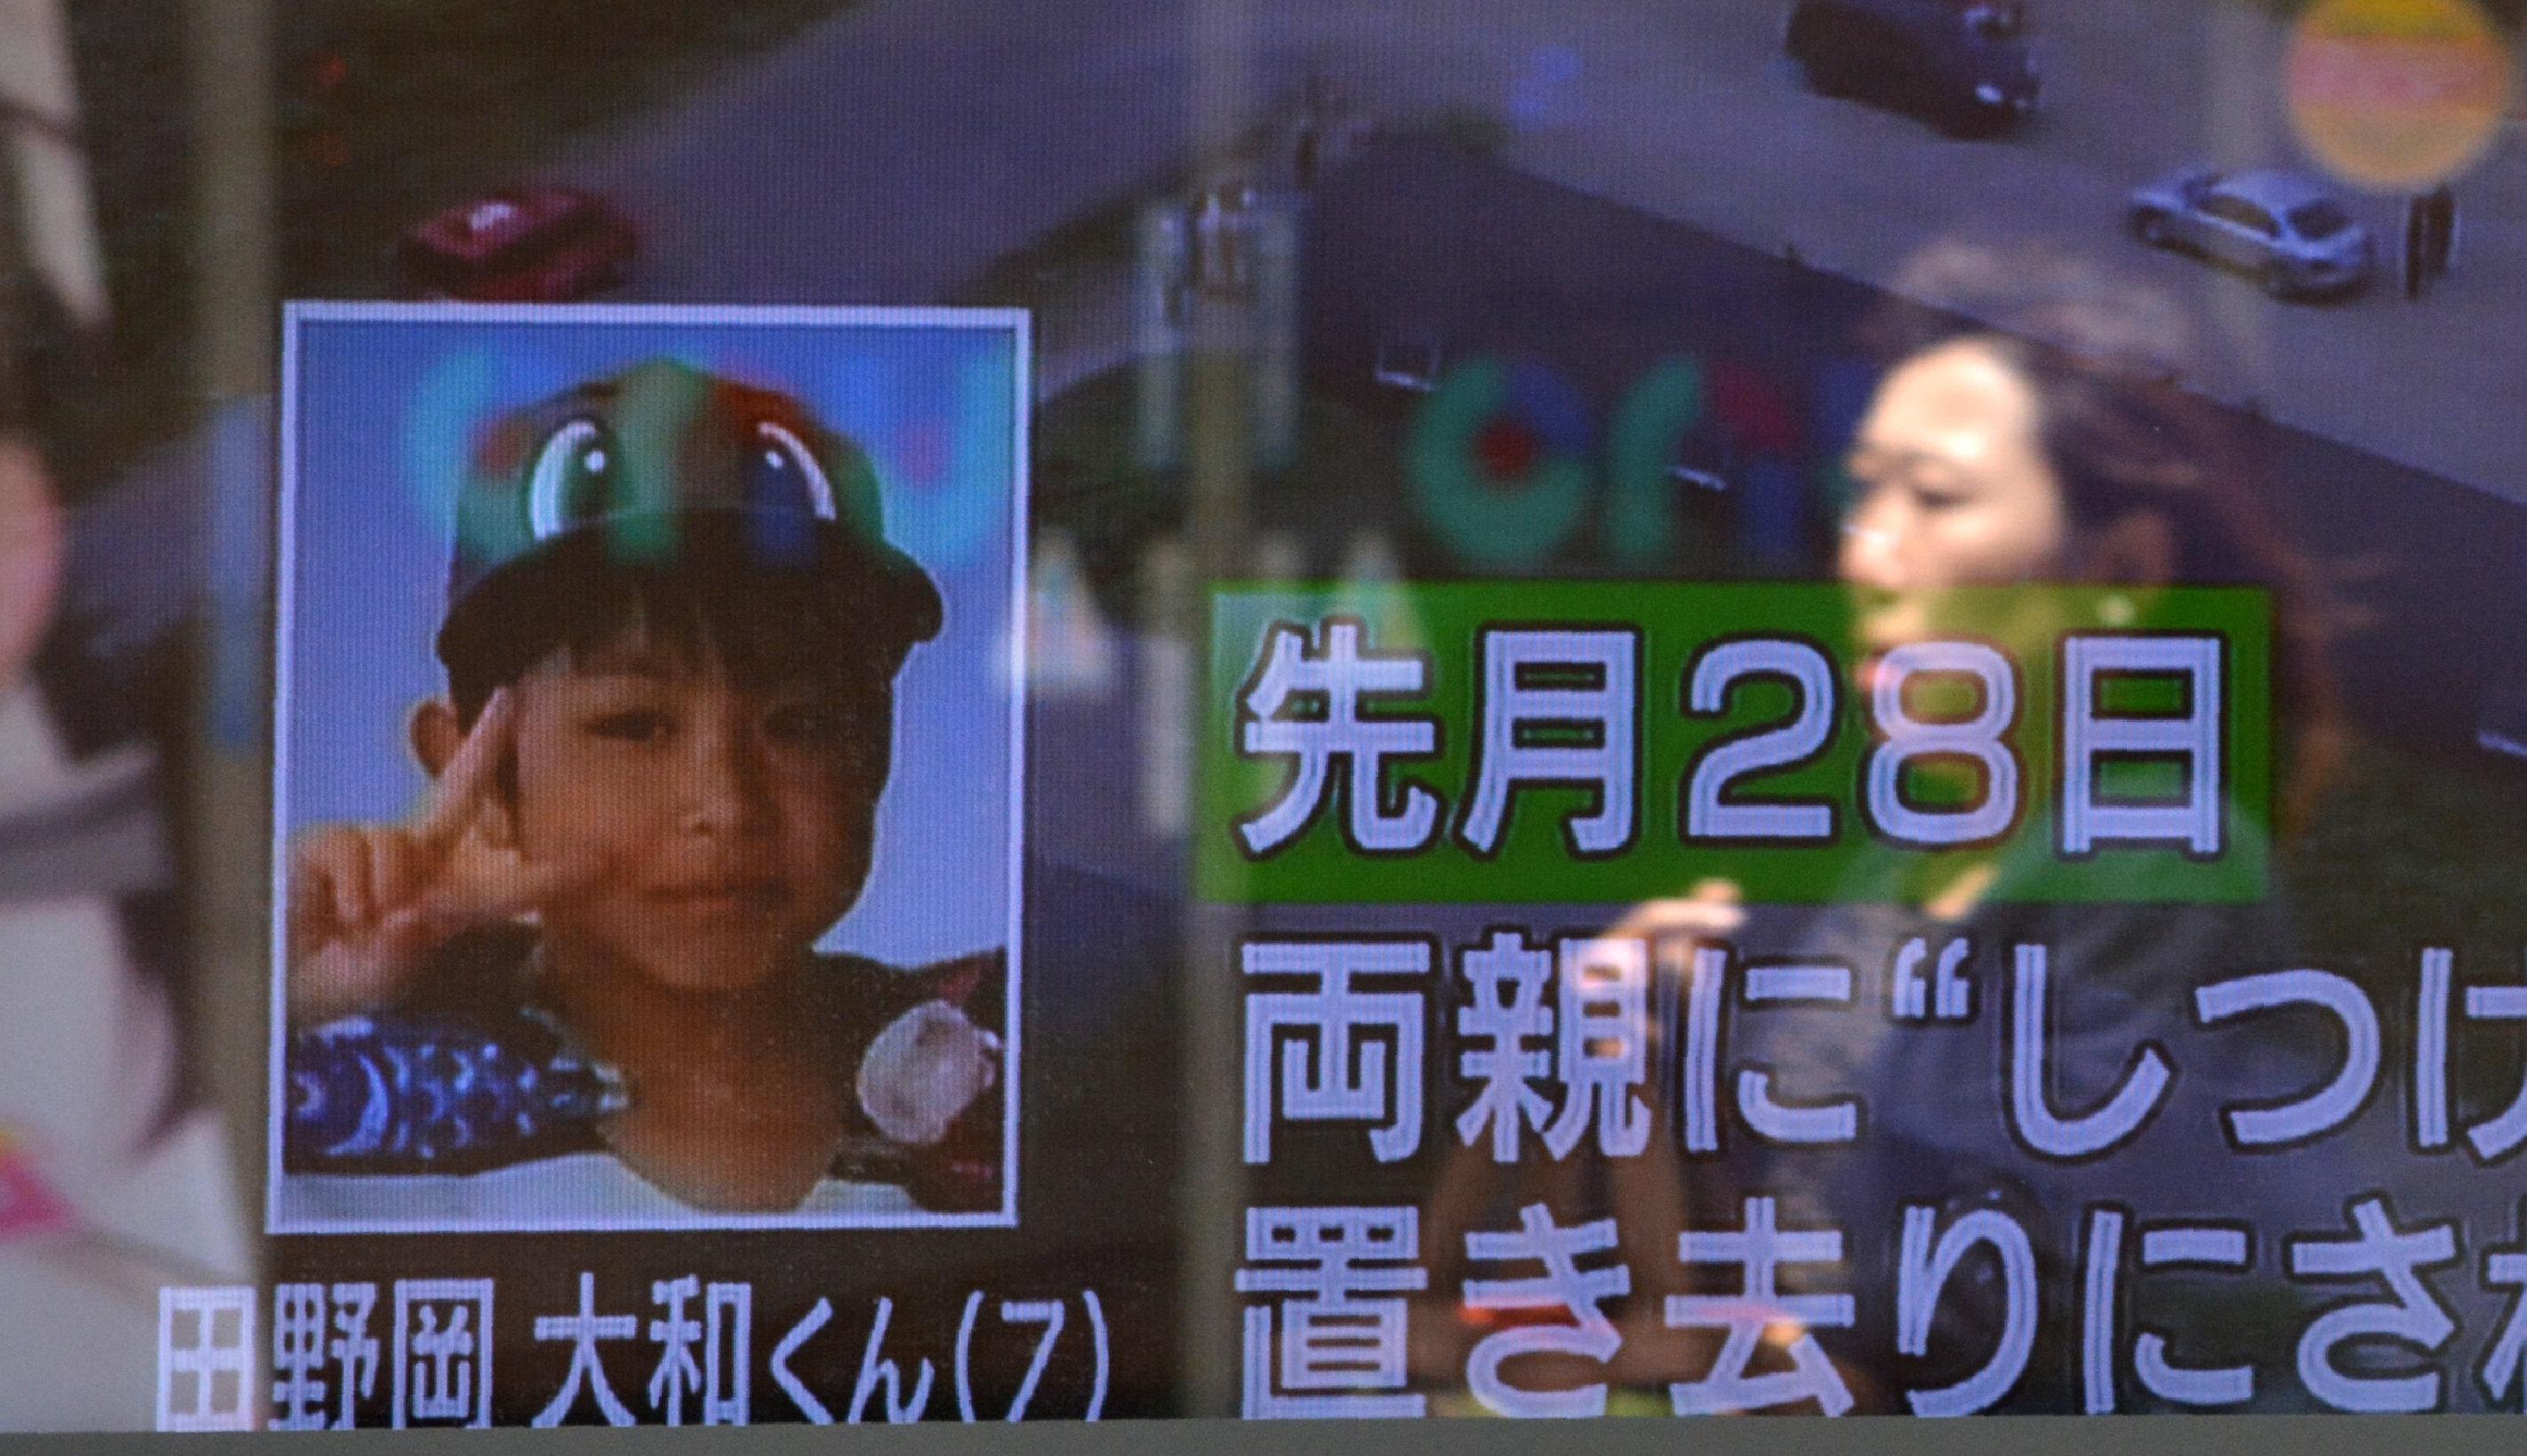 Yamato Tanooka, niño que fue encontrado en un bosque después de seis días